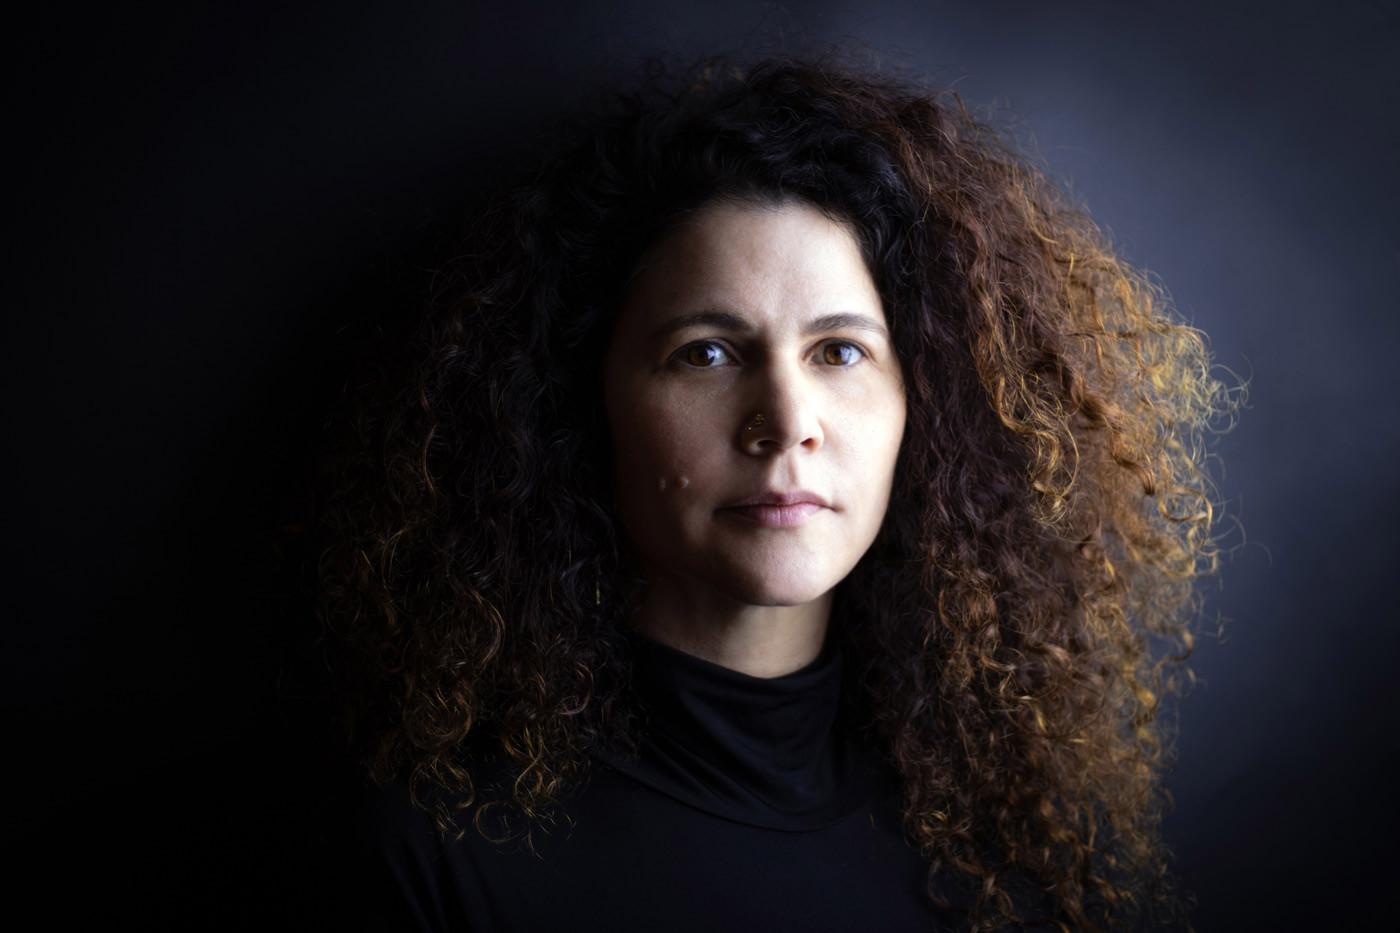 ליאורה קפלן - אמנית